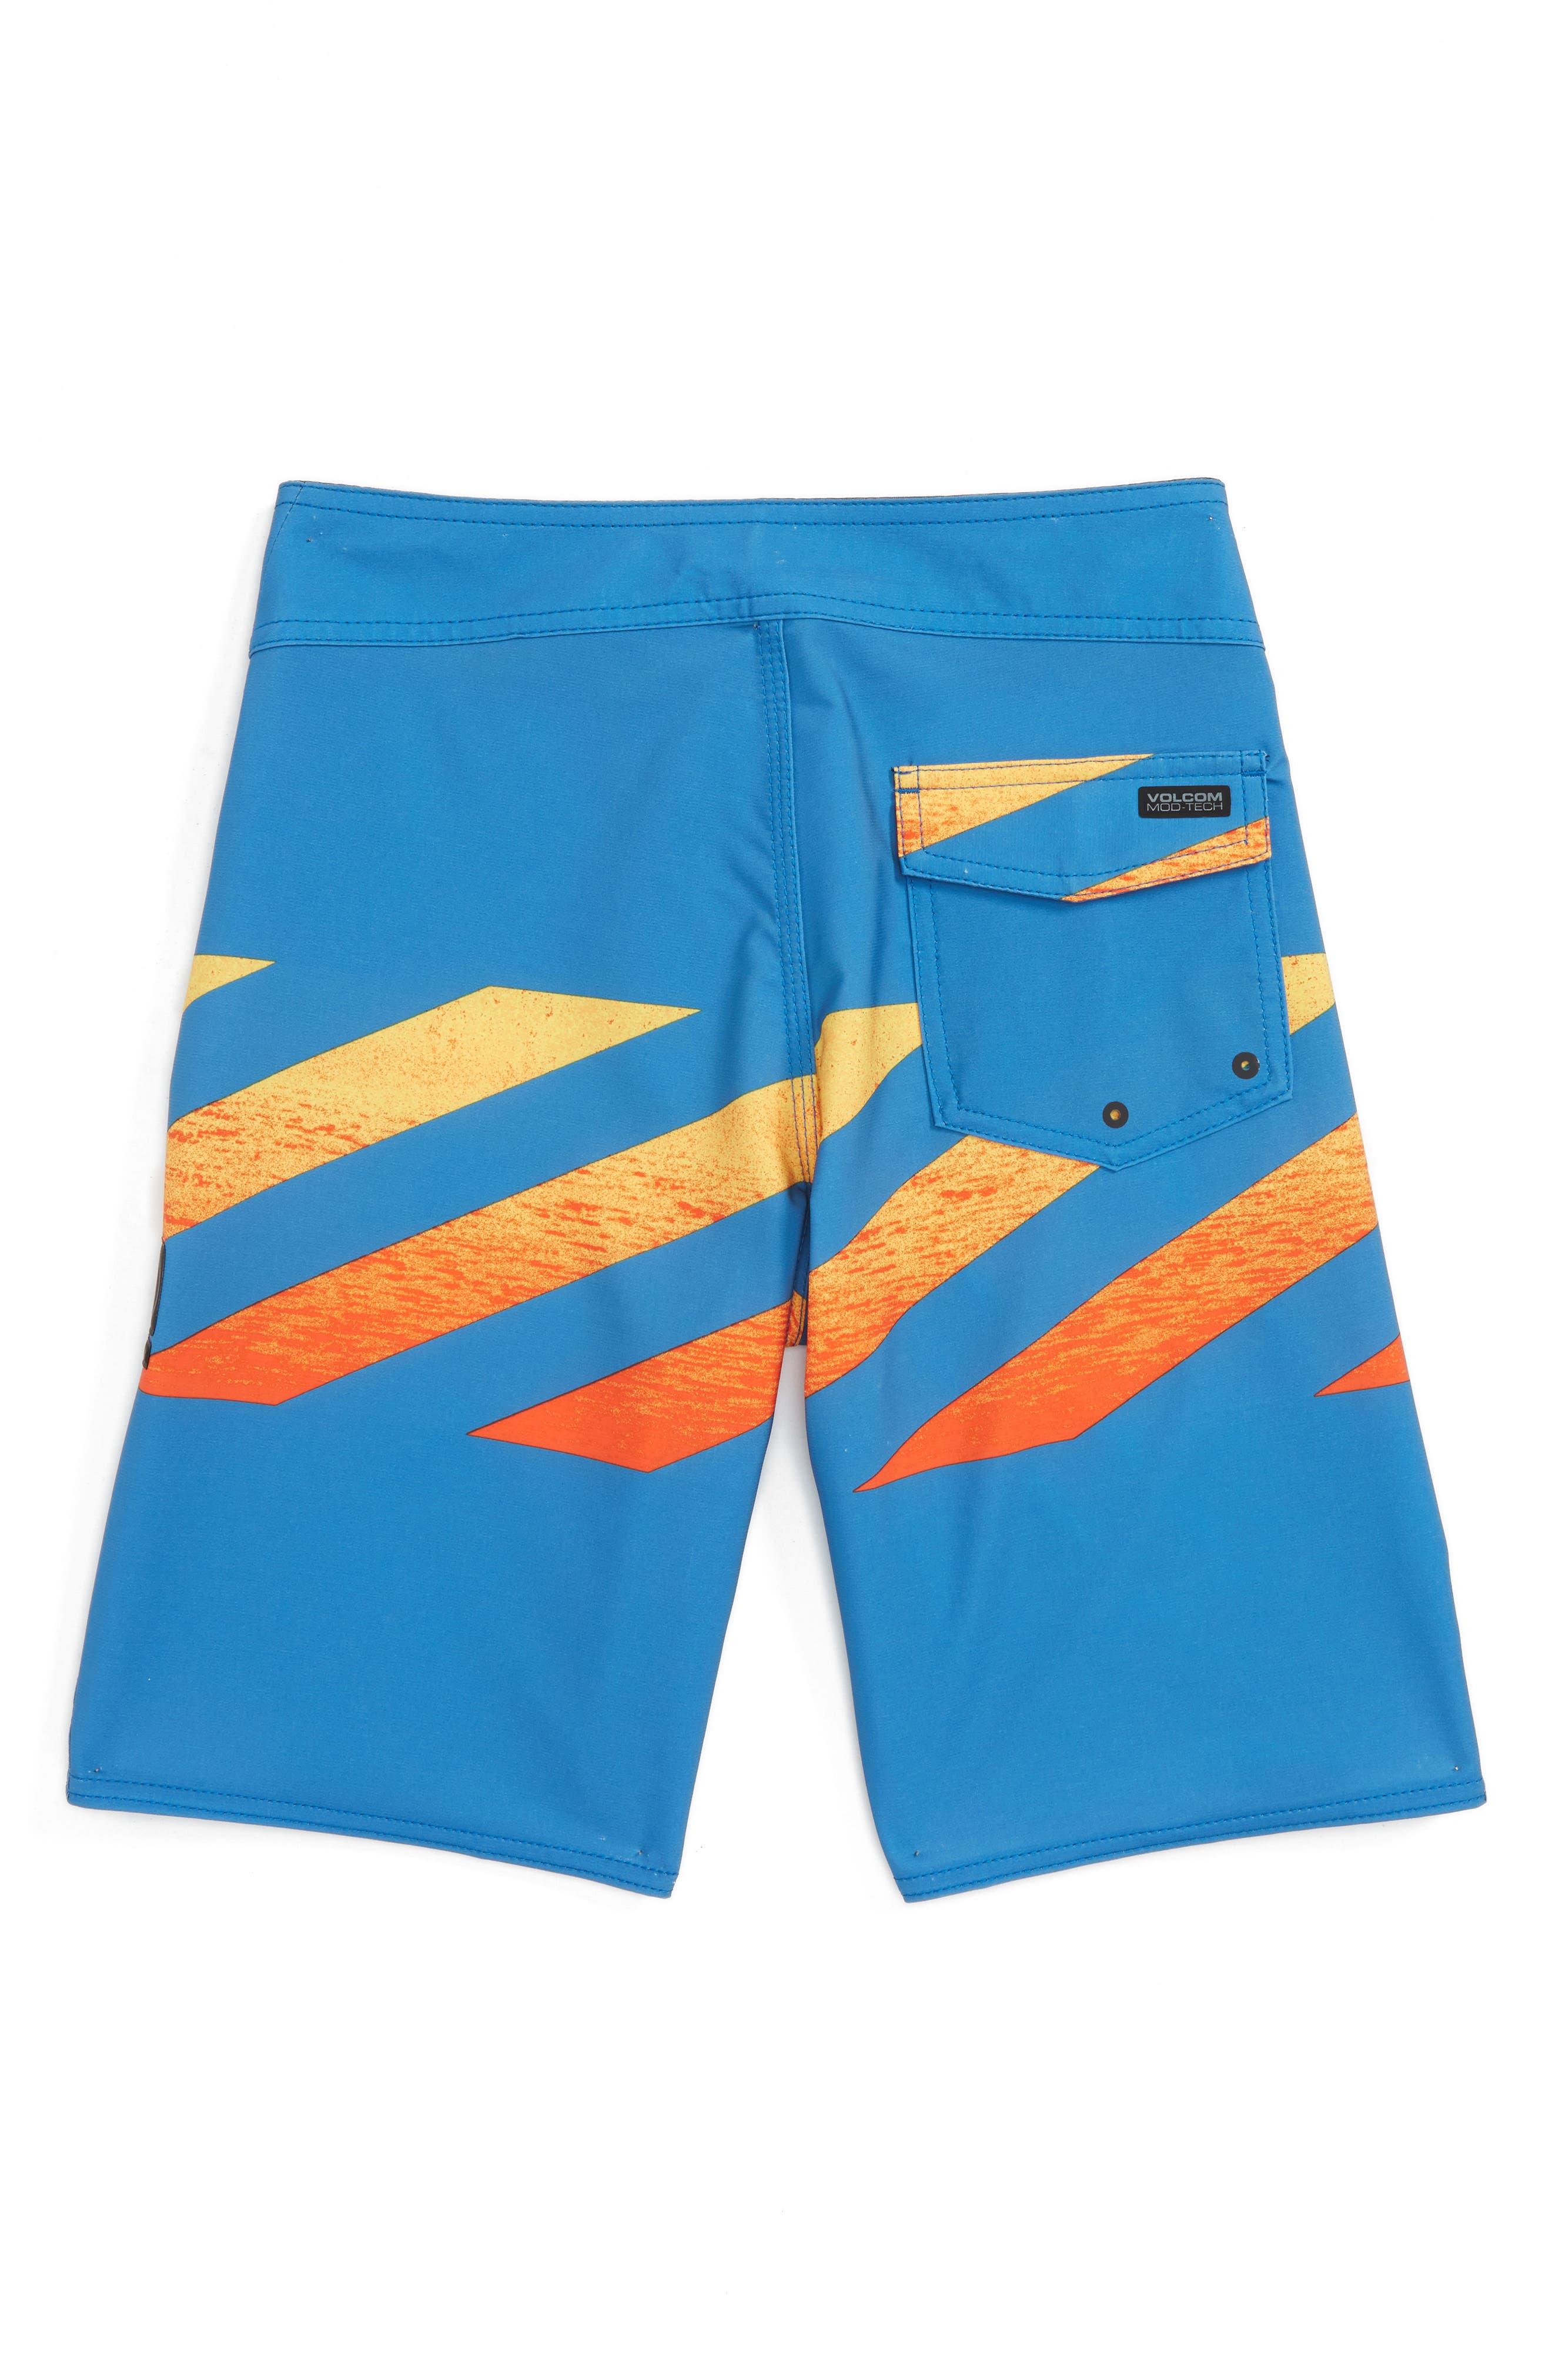 Macaw Mod Board Shorts,                             Main thumbnail 5, color,